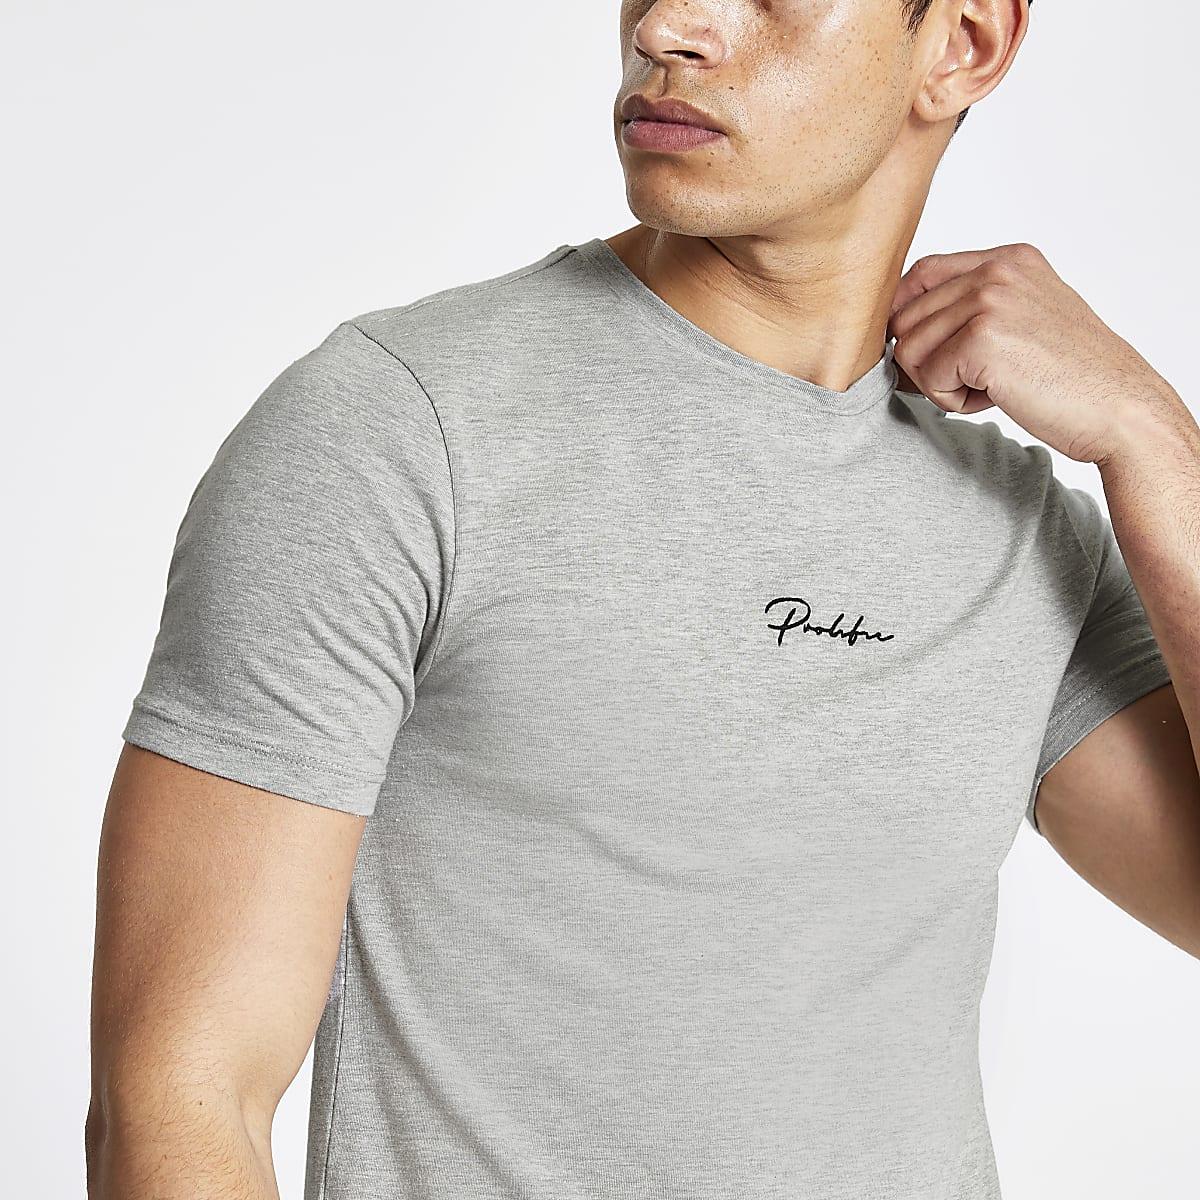 Prolific - Grijs gemêleerd aansluitend T-shirt